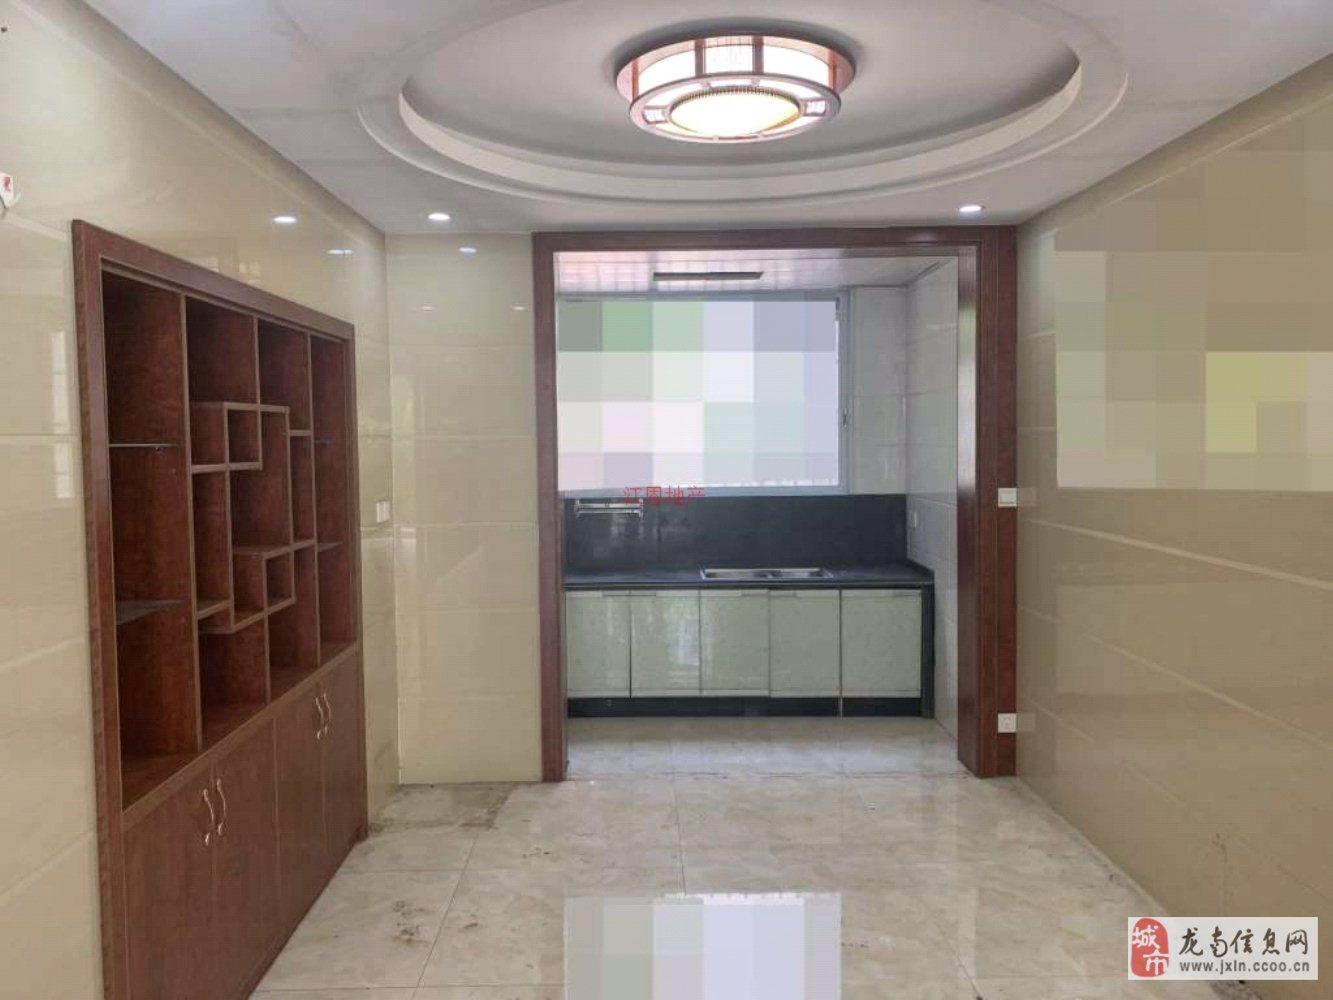 聽過嗎?龍翔國際精裝四房只賣66.6萬,超級便宜!